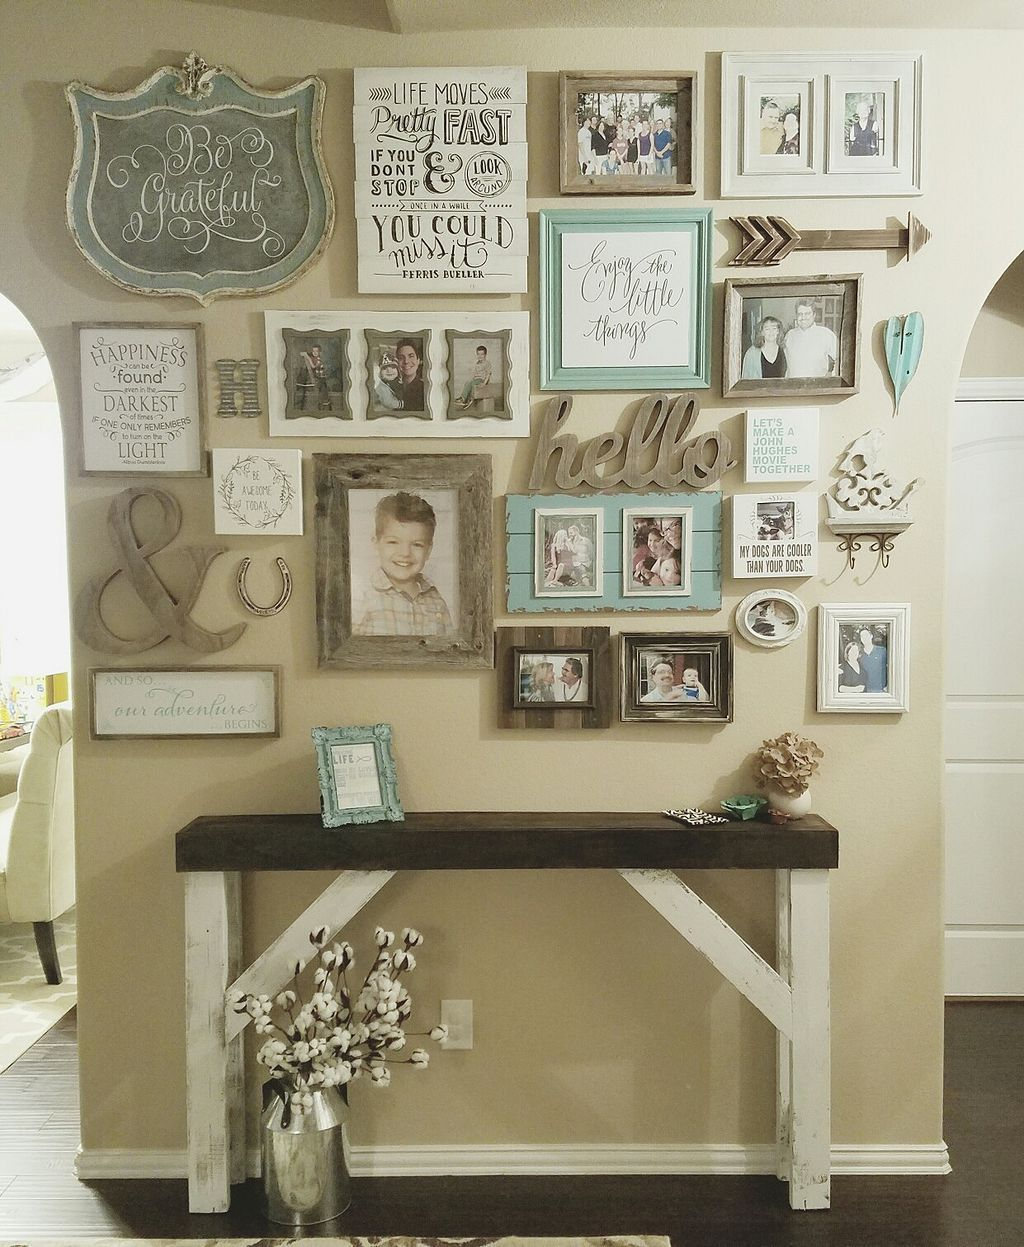 80 Shabby Chic Home Decor Ideas 78 Shabby Chic Wall Decor Shabby Chic Living Room Shabby Chic Living